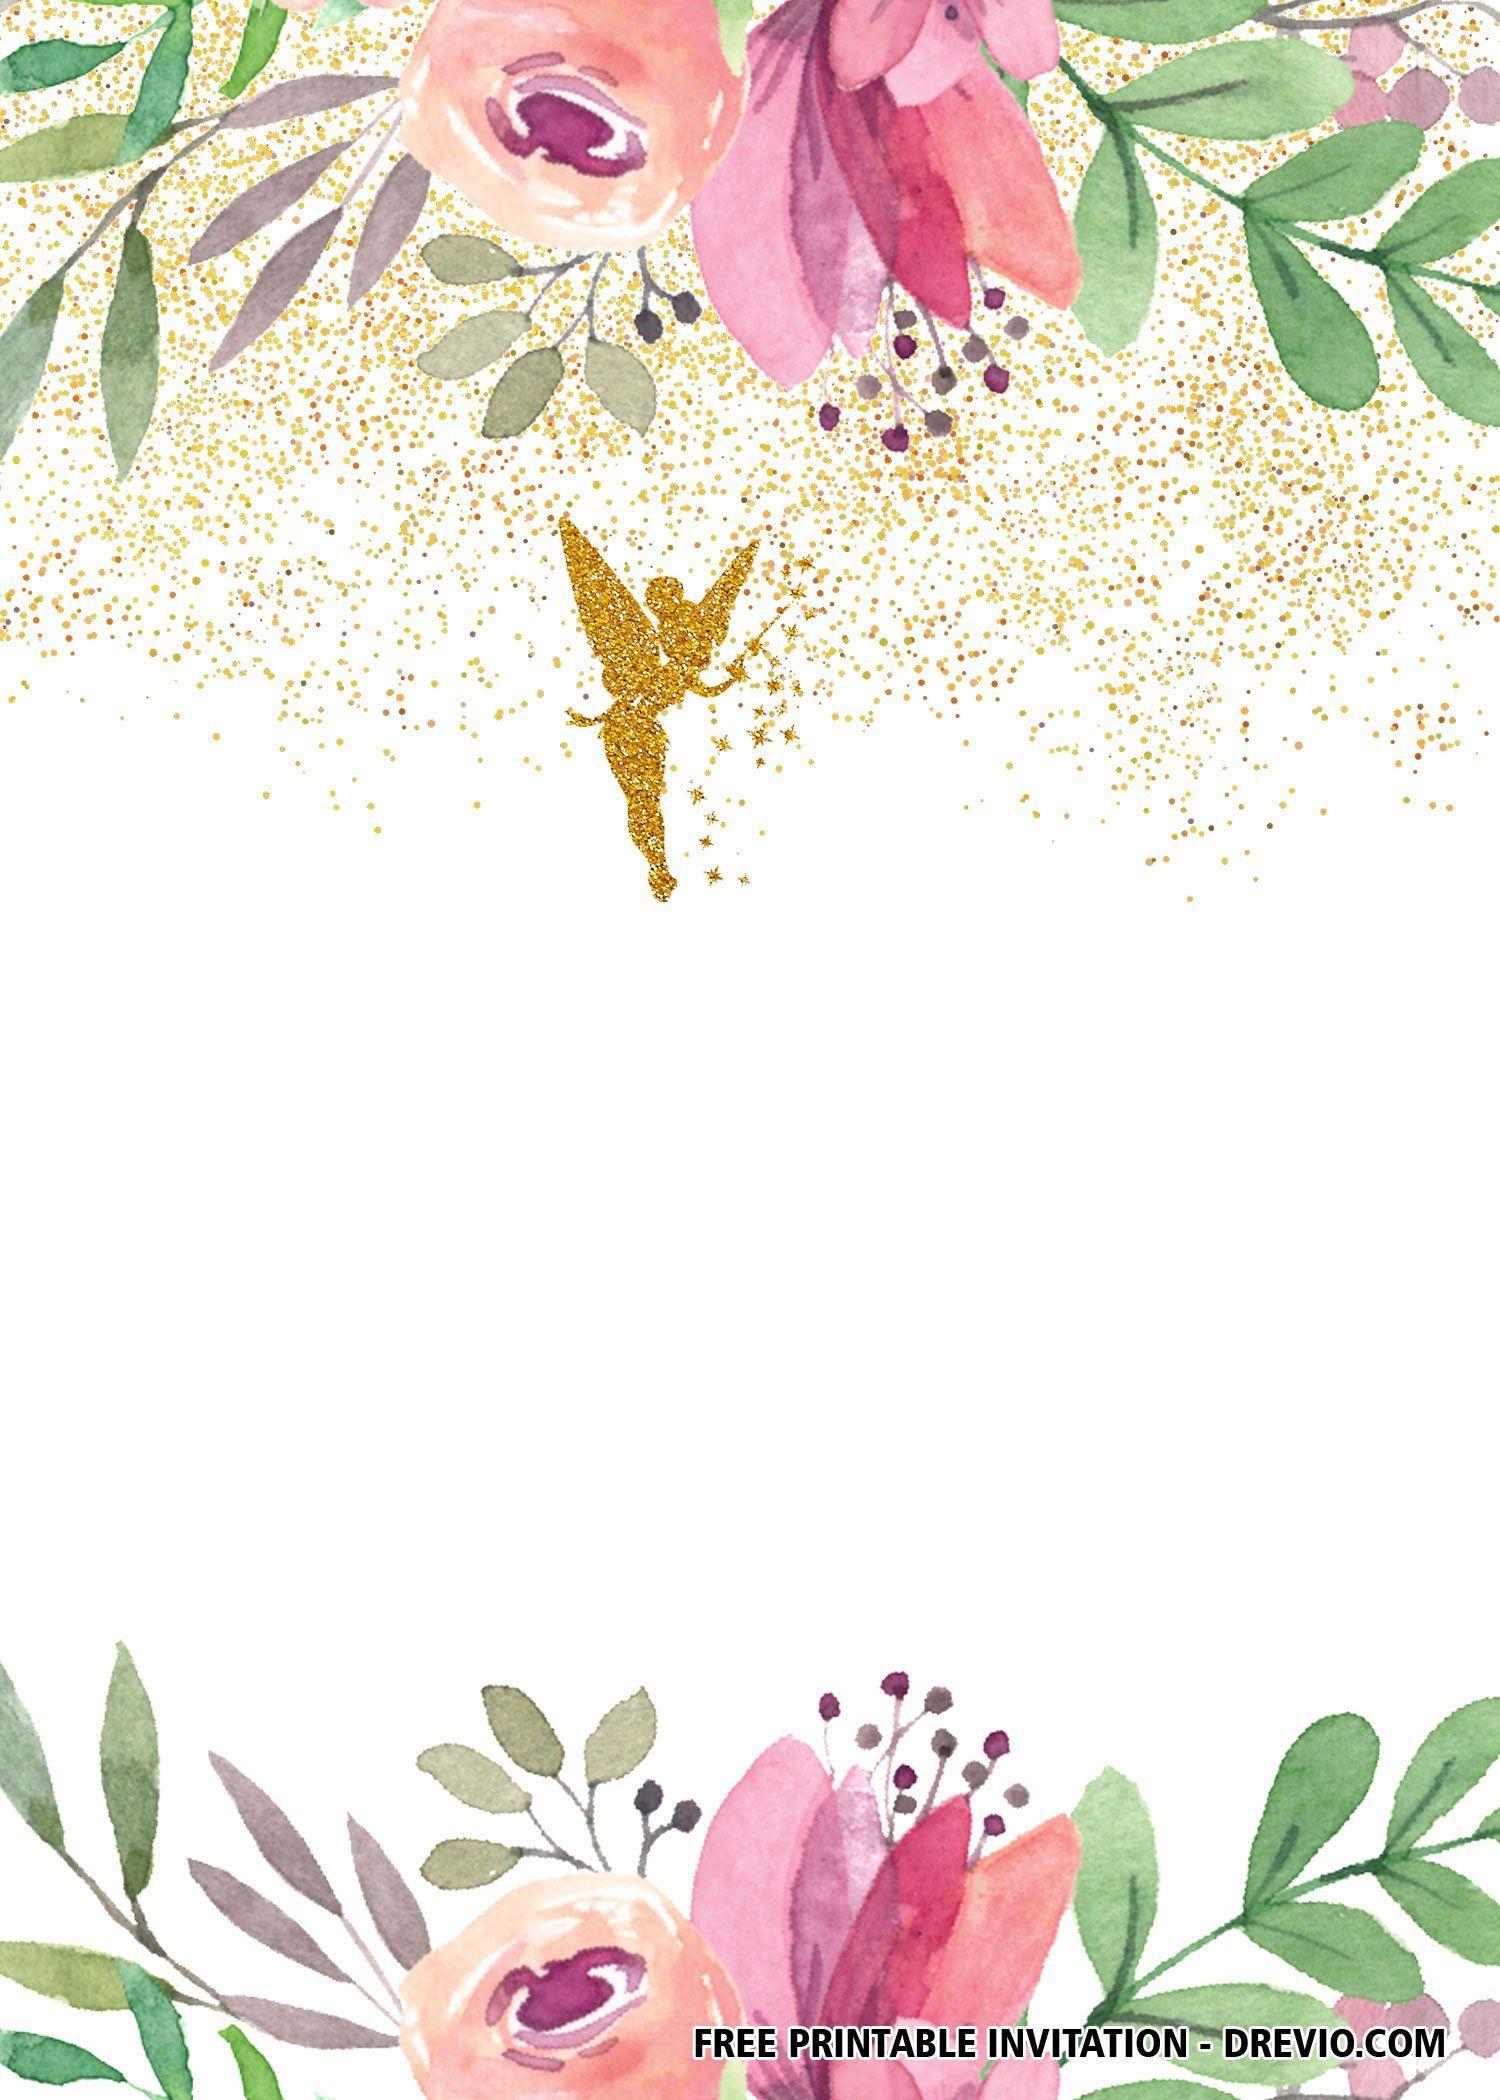 Free Fairy Invitation Templates In 2021 Fairy Invitations Free Birthday Invitation Templates Fairy Party Invitations